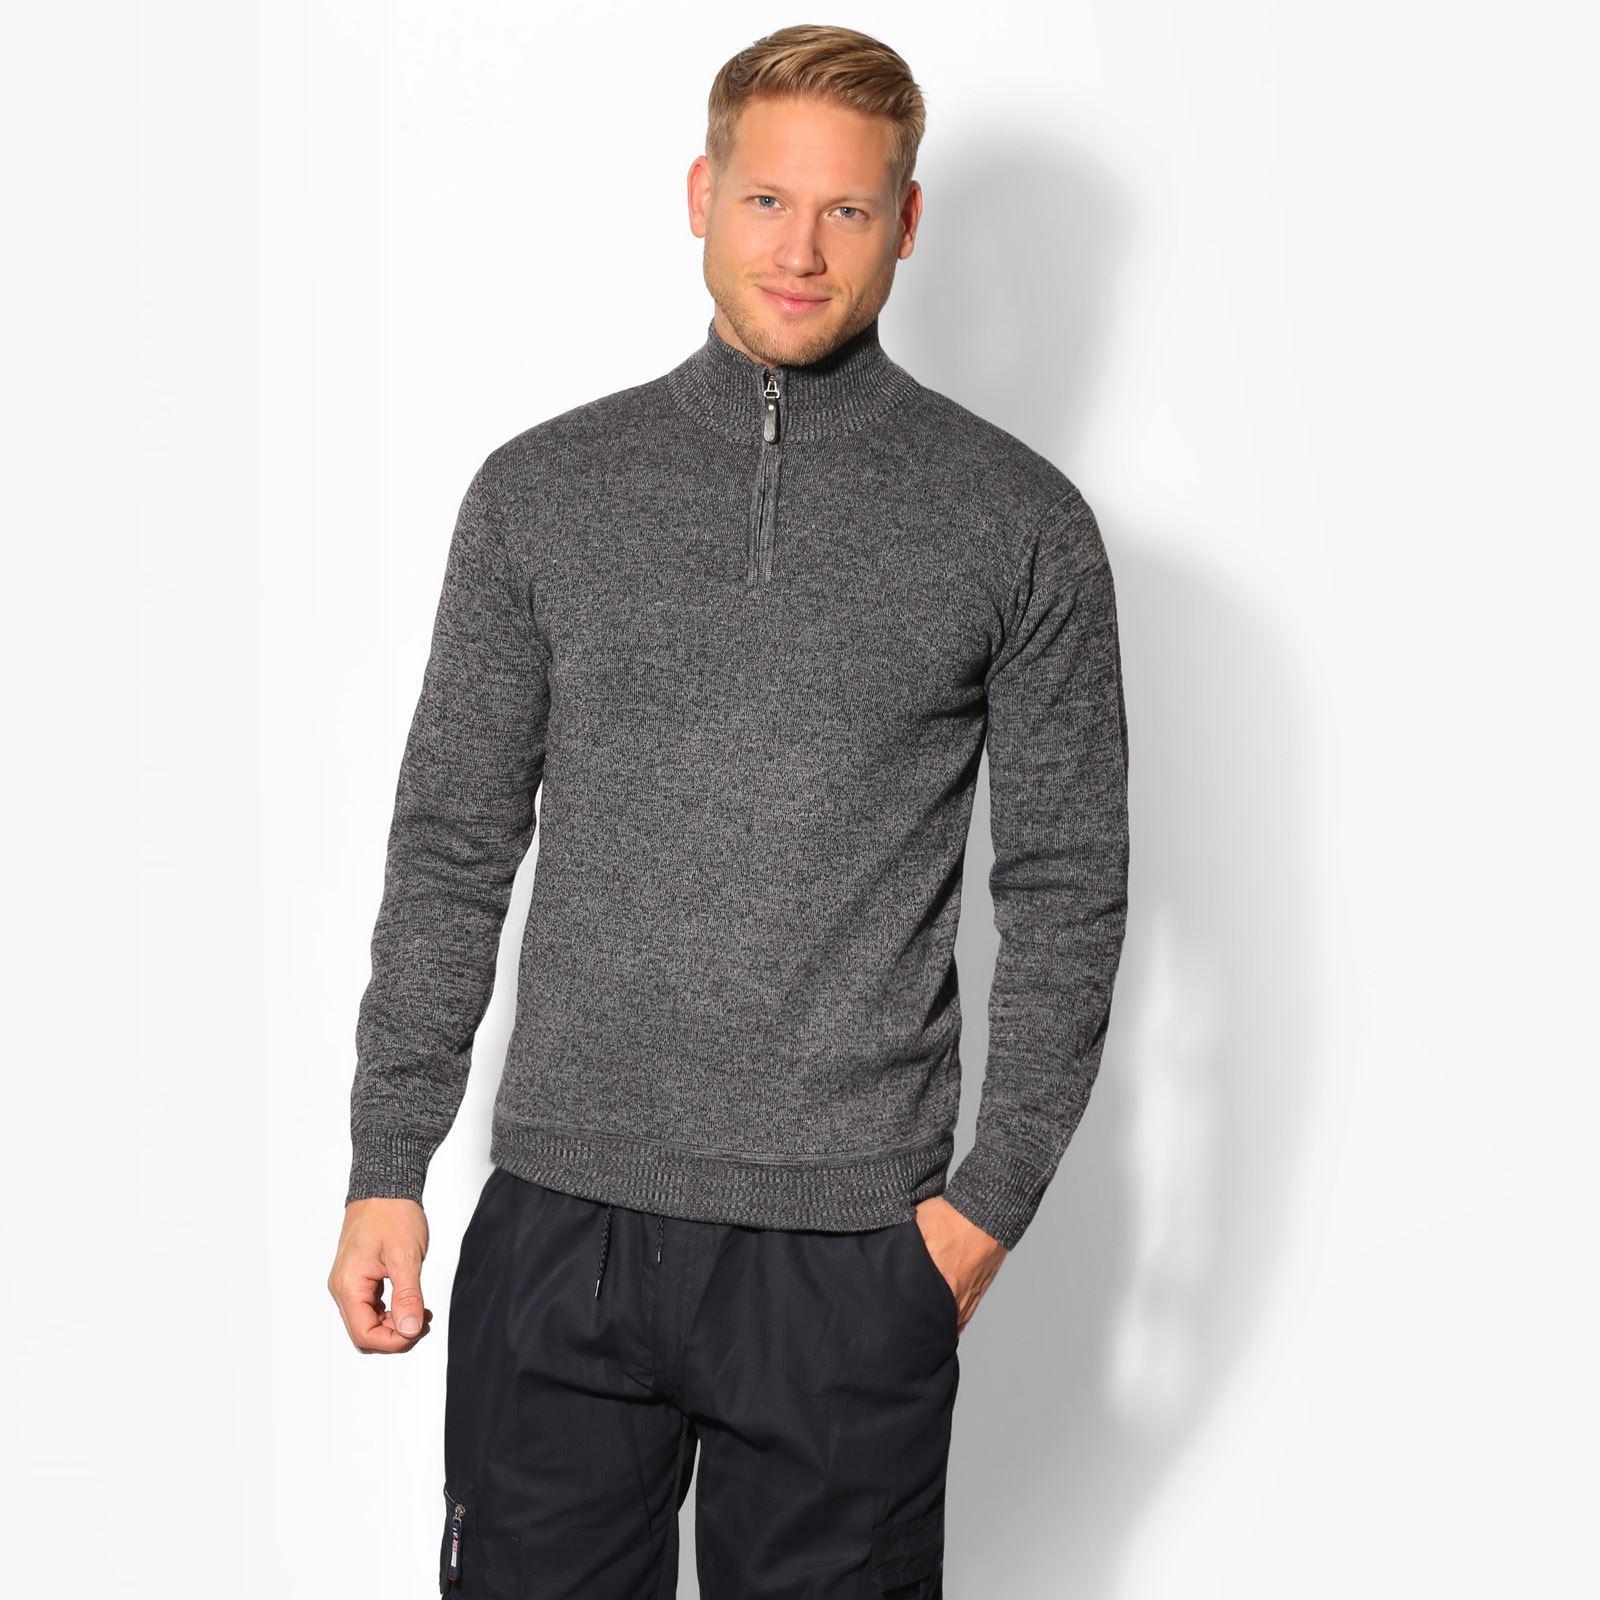 pull homme laine hiver pas cher col haut zipp e grande taille uni mode basique ebay. Black Bedroom Furniture Sets. Home Design Ideas